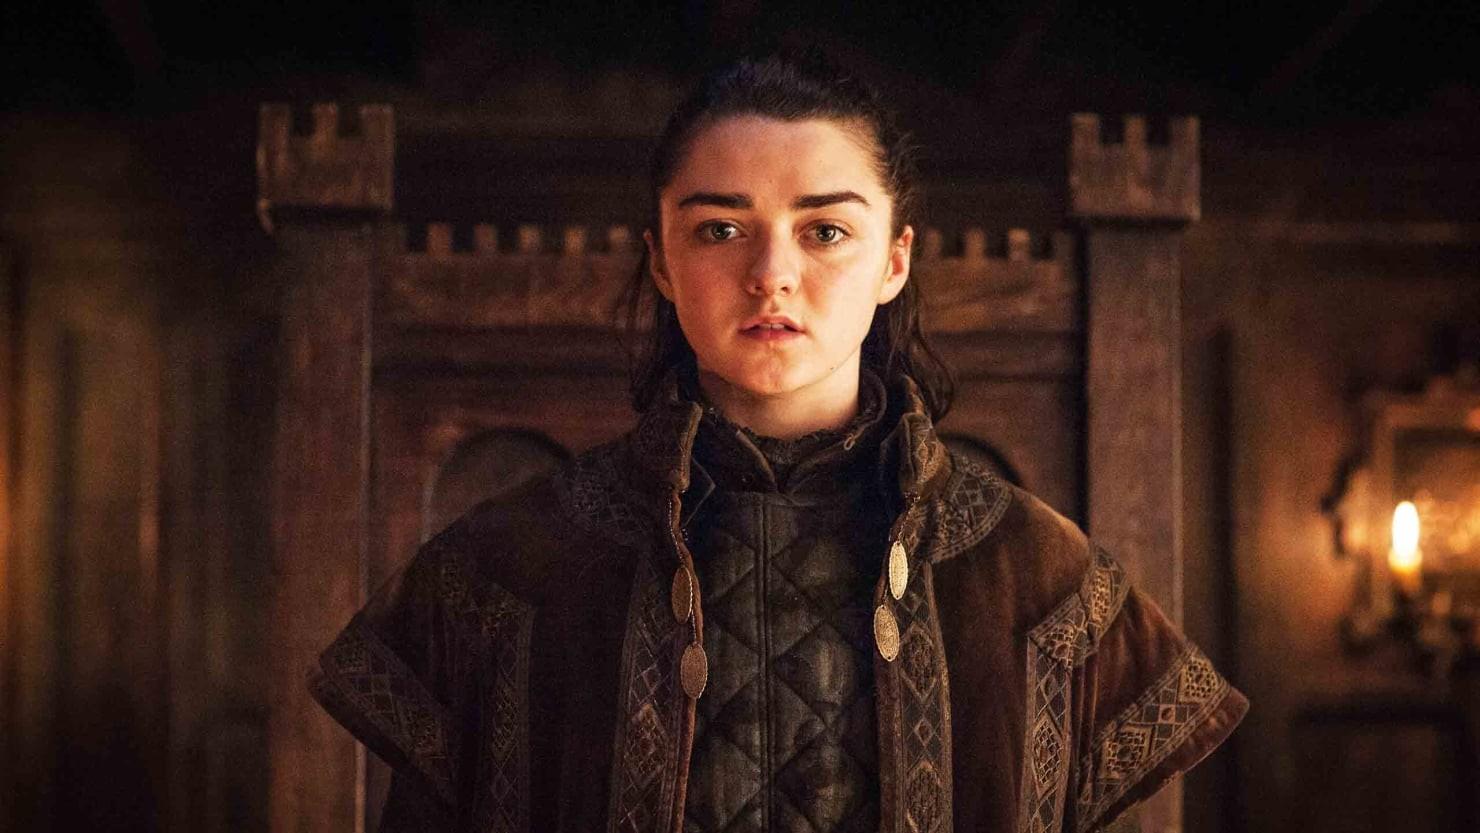 Segundo o estudo, as chances de Arya não são nada boas... (Foto: Divulgação )